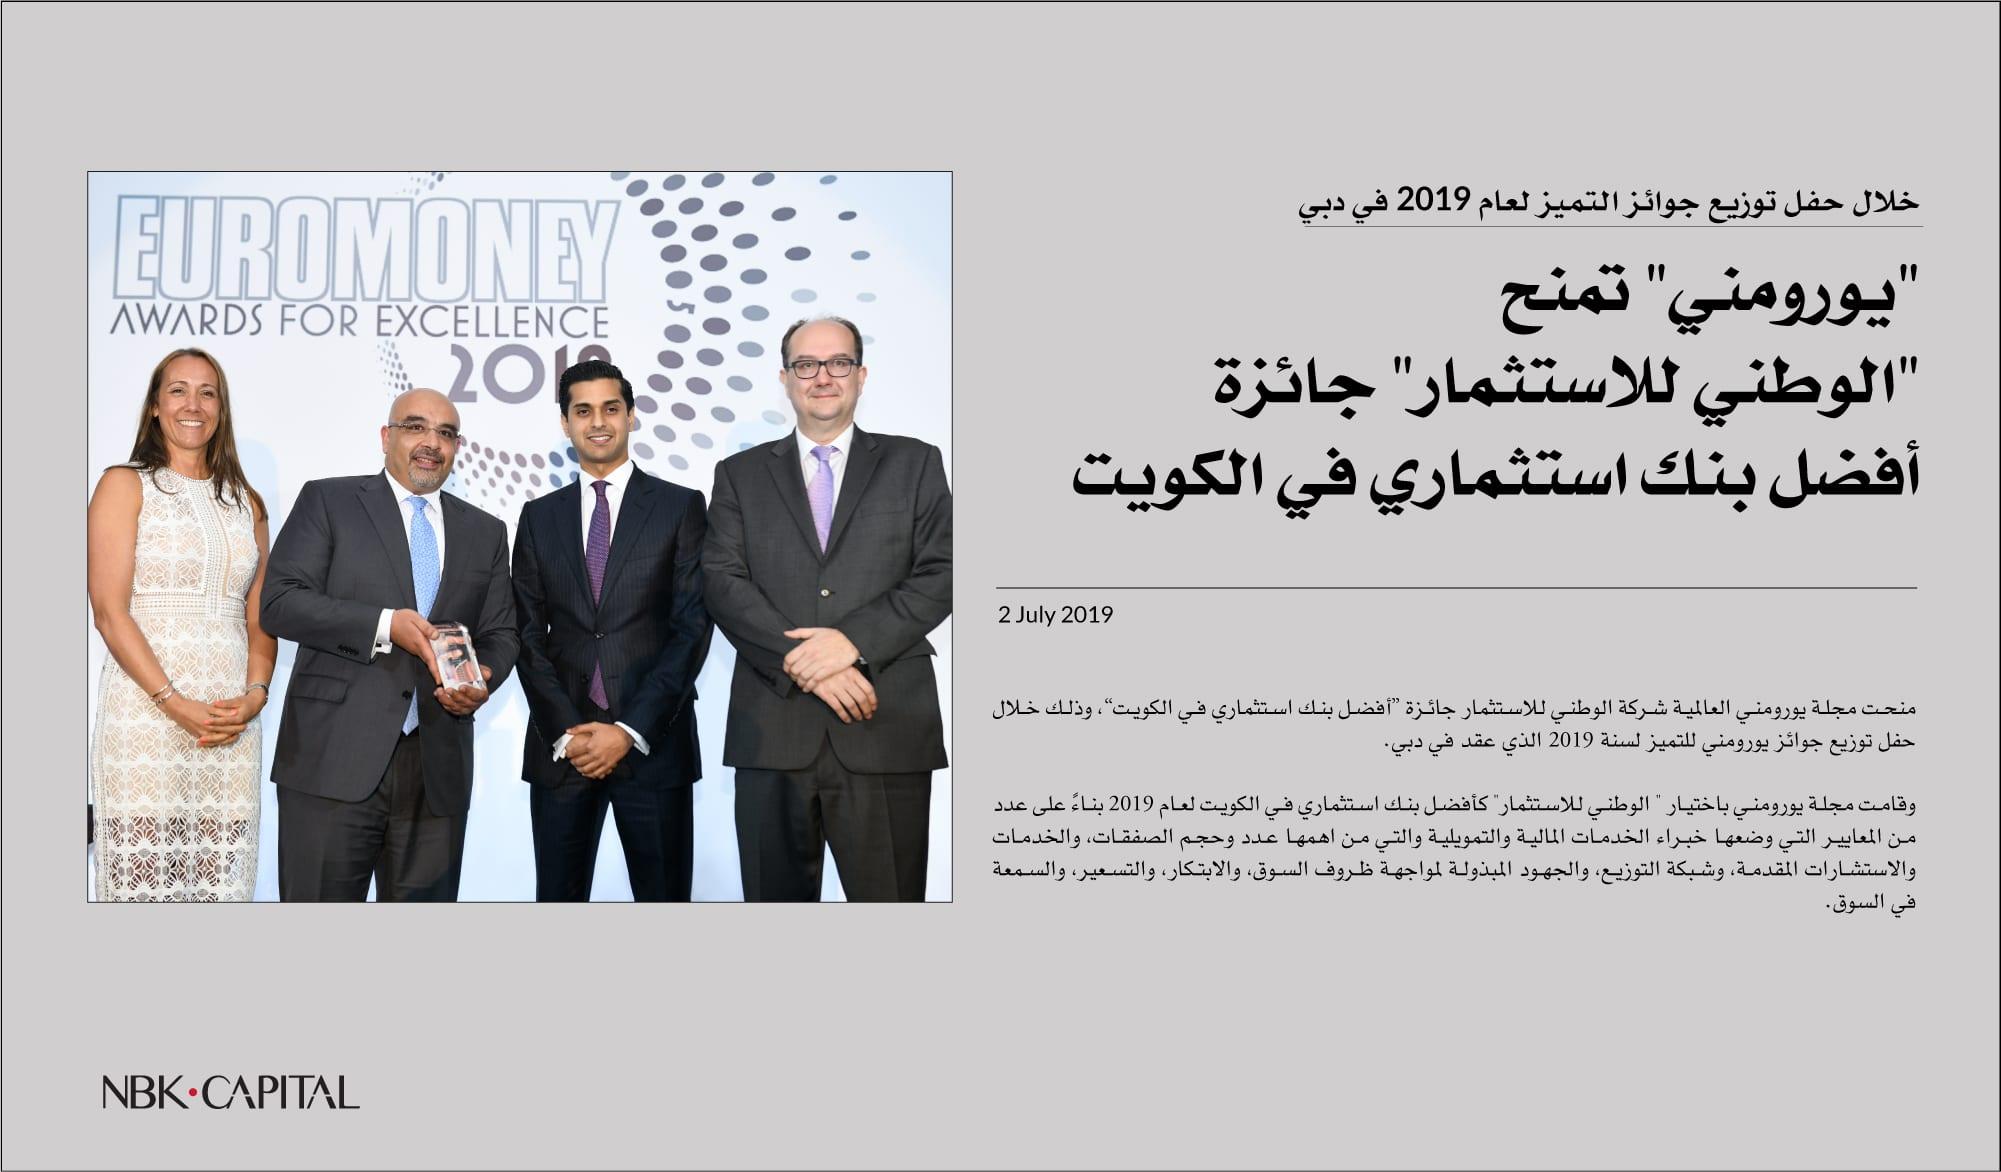 """""""يورومني"""" تمنح """"الوطني للاستثمار"""" جائزة أفضل بنك استثماري في الكويت"""